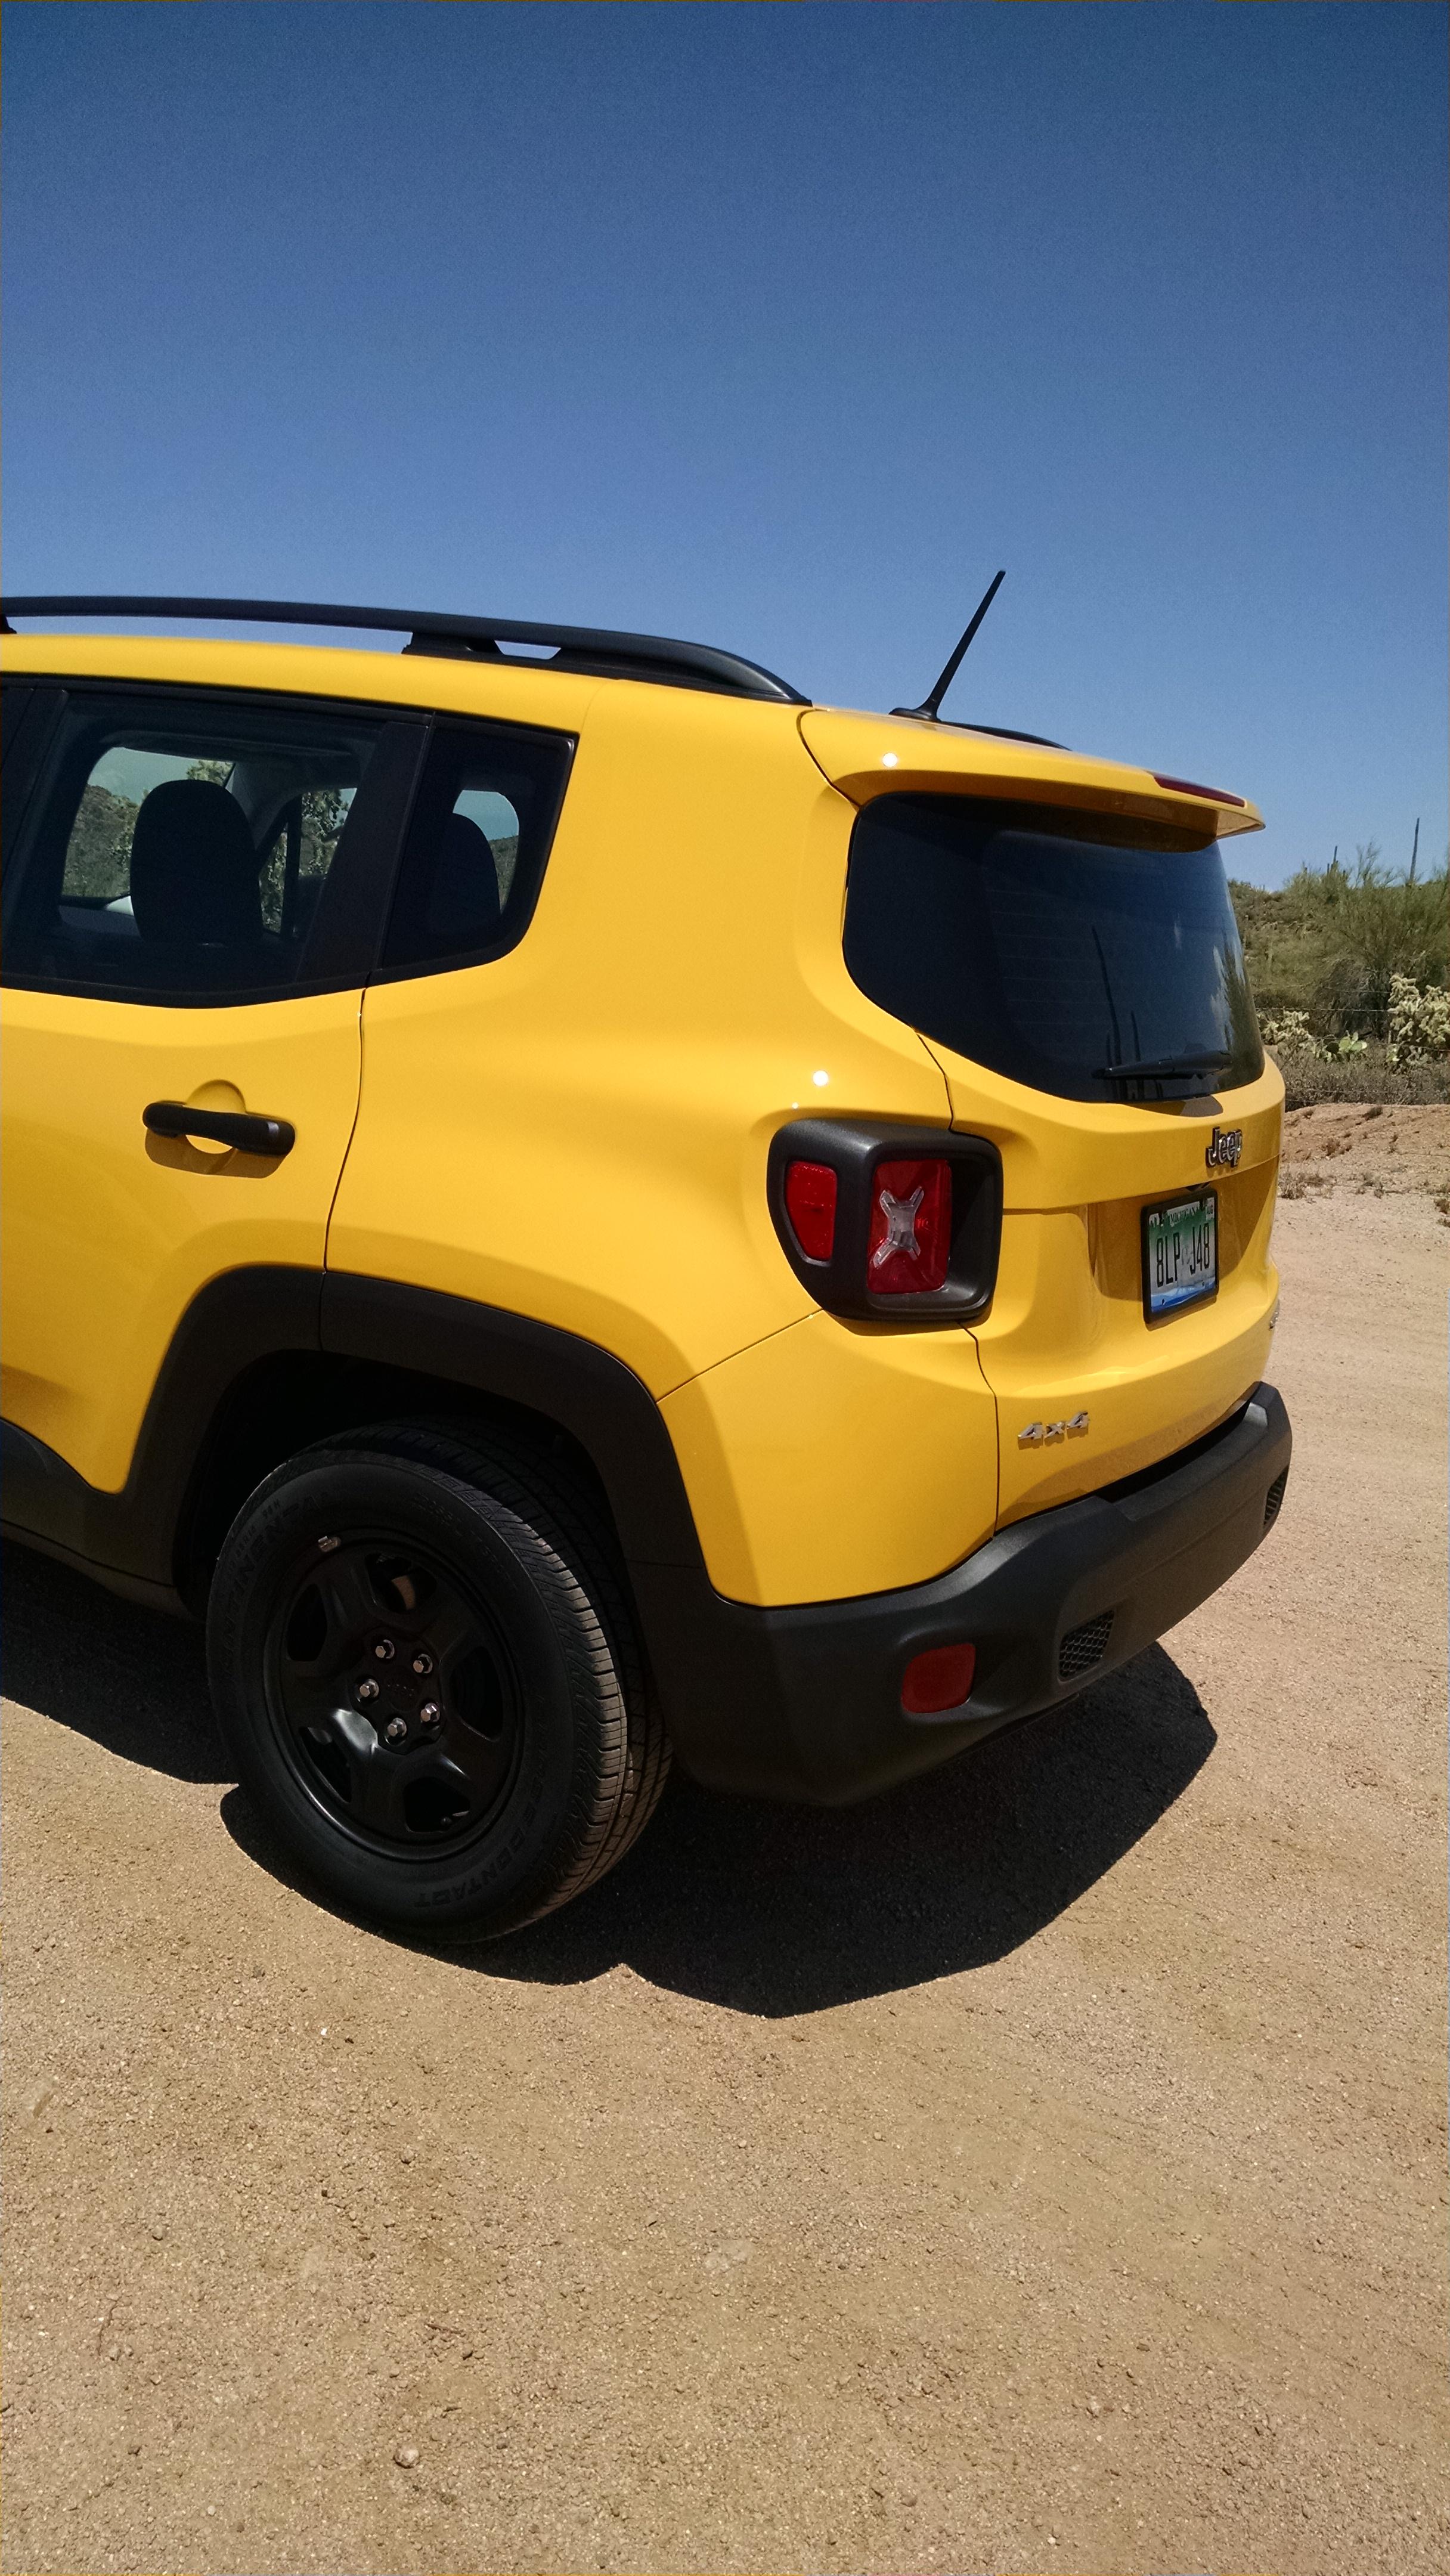 off road test 2016 jeep renegade sport 4x4 testdriven tv. Black Bedroom Furniture Sets. Home Design Ideas